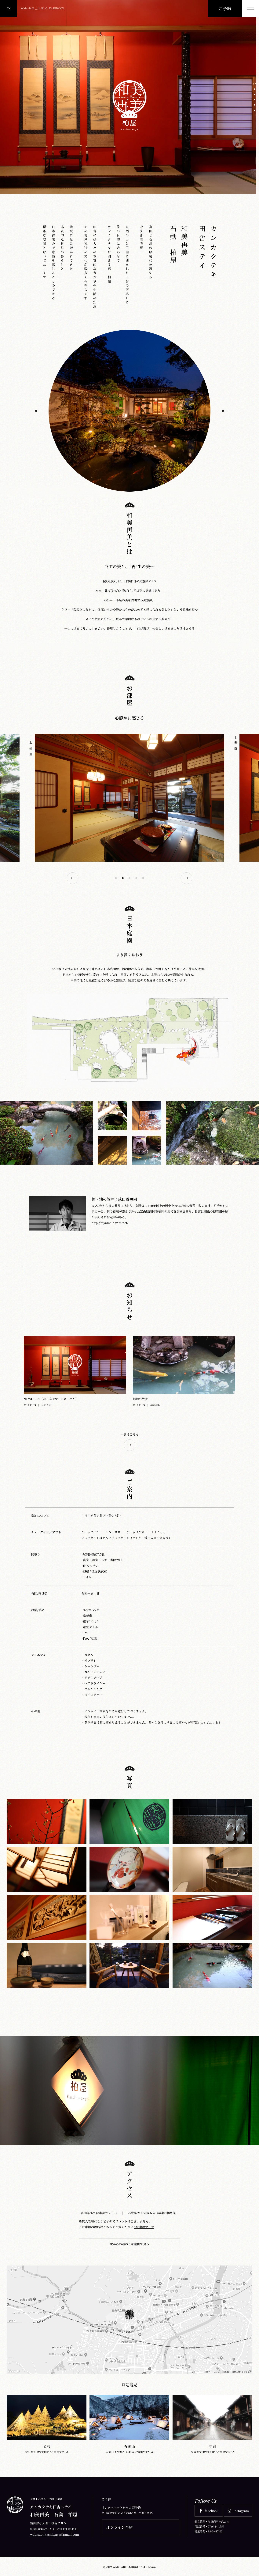 富山 日本家屋 一棟貸切宿 和美再美 石動 柏屋 かしわや 1guu ウェブデザイン Webデザイン デザイン